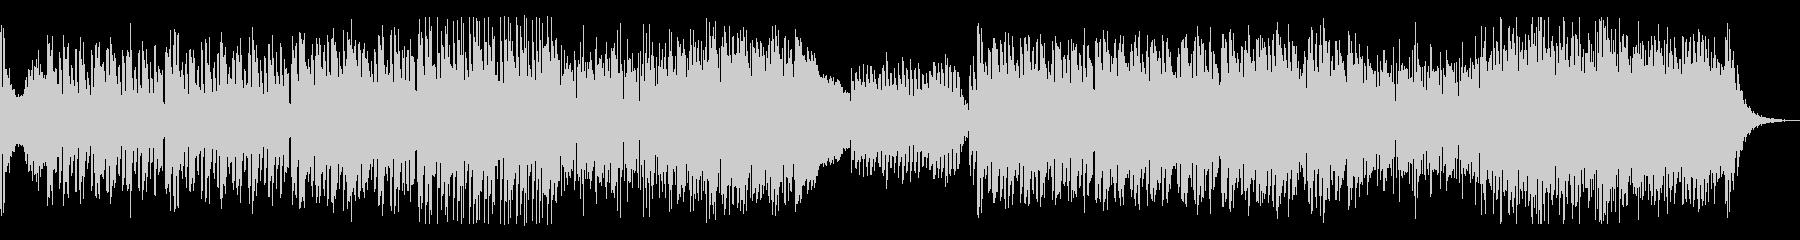 運命的、クールなシンセとストリングスの未再生の波形